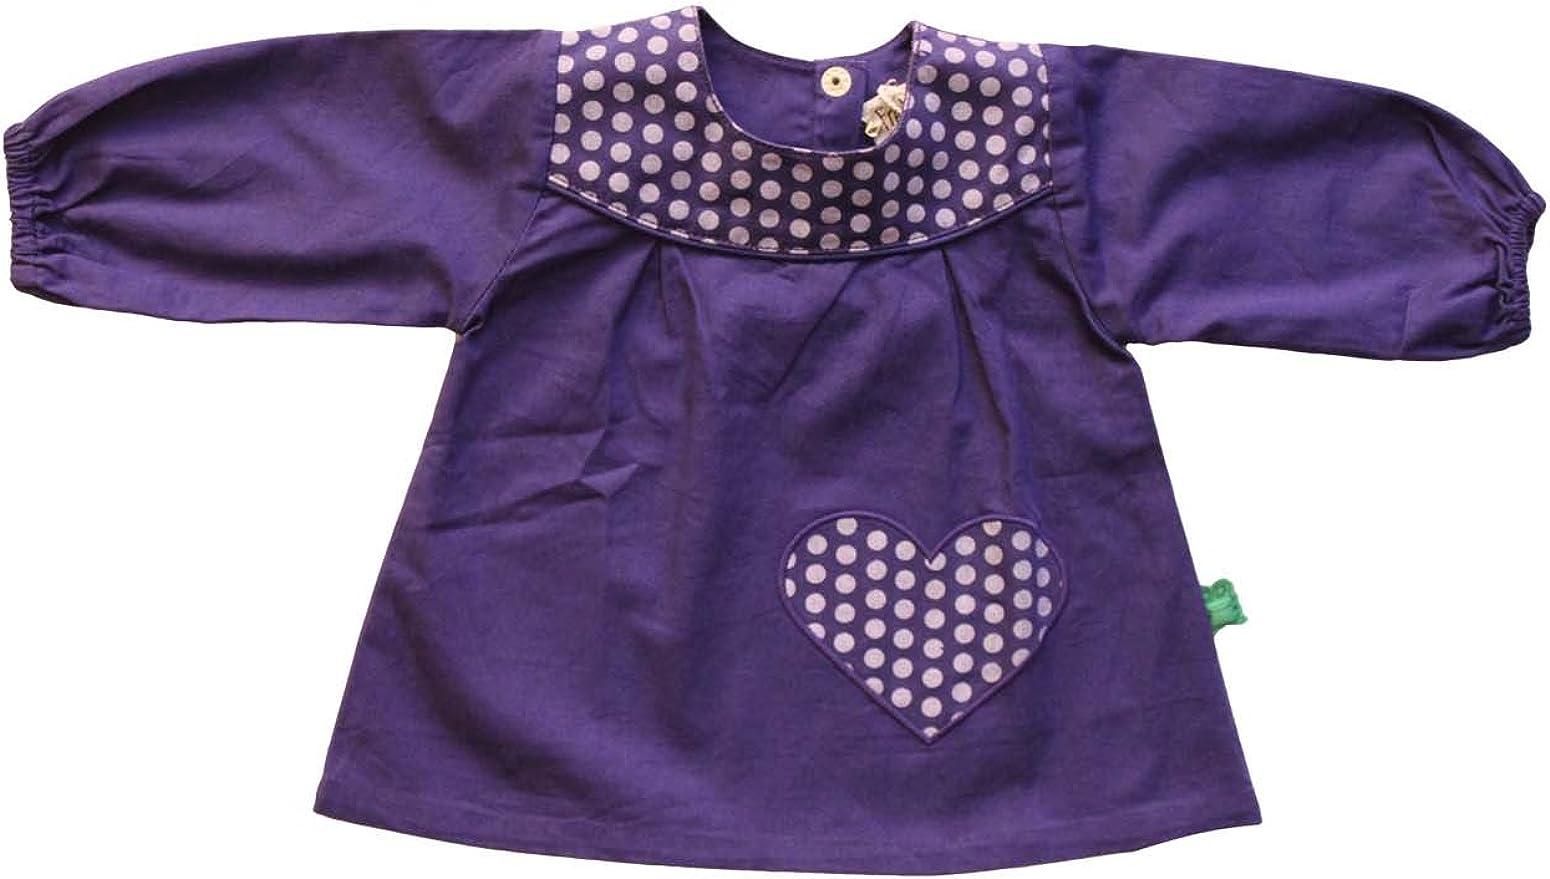 Freds World by Green Cotton - Blusa para niña violeta de 100% algodón, talla: 74cm (9-12 meses): Amazon.es: Ropa y accesorios